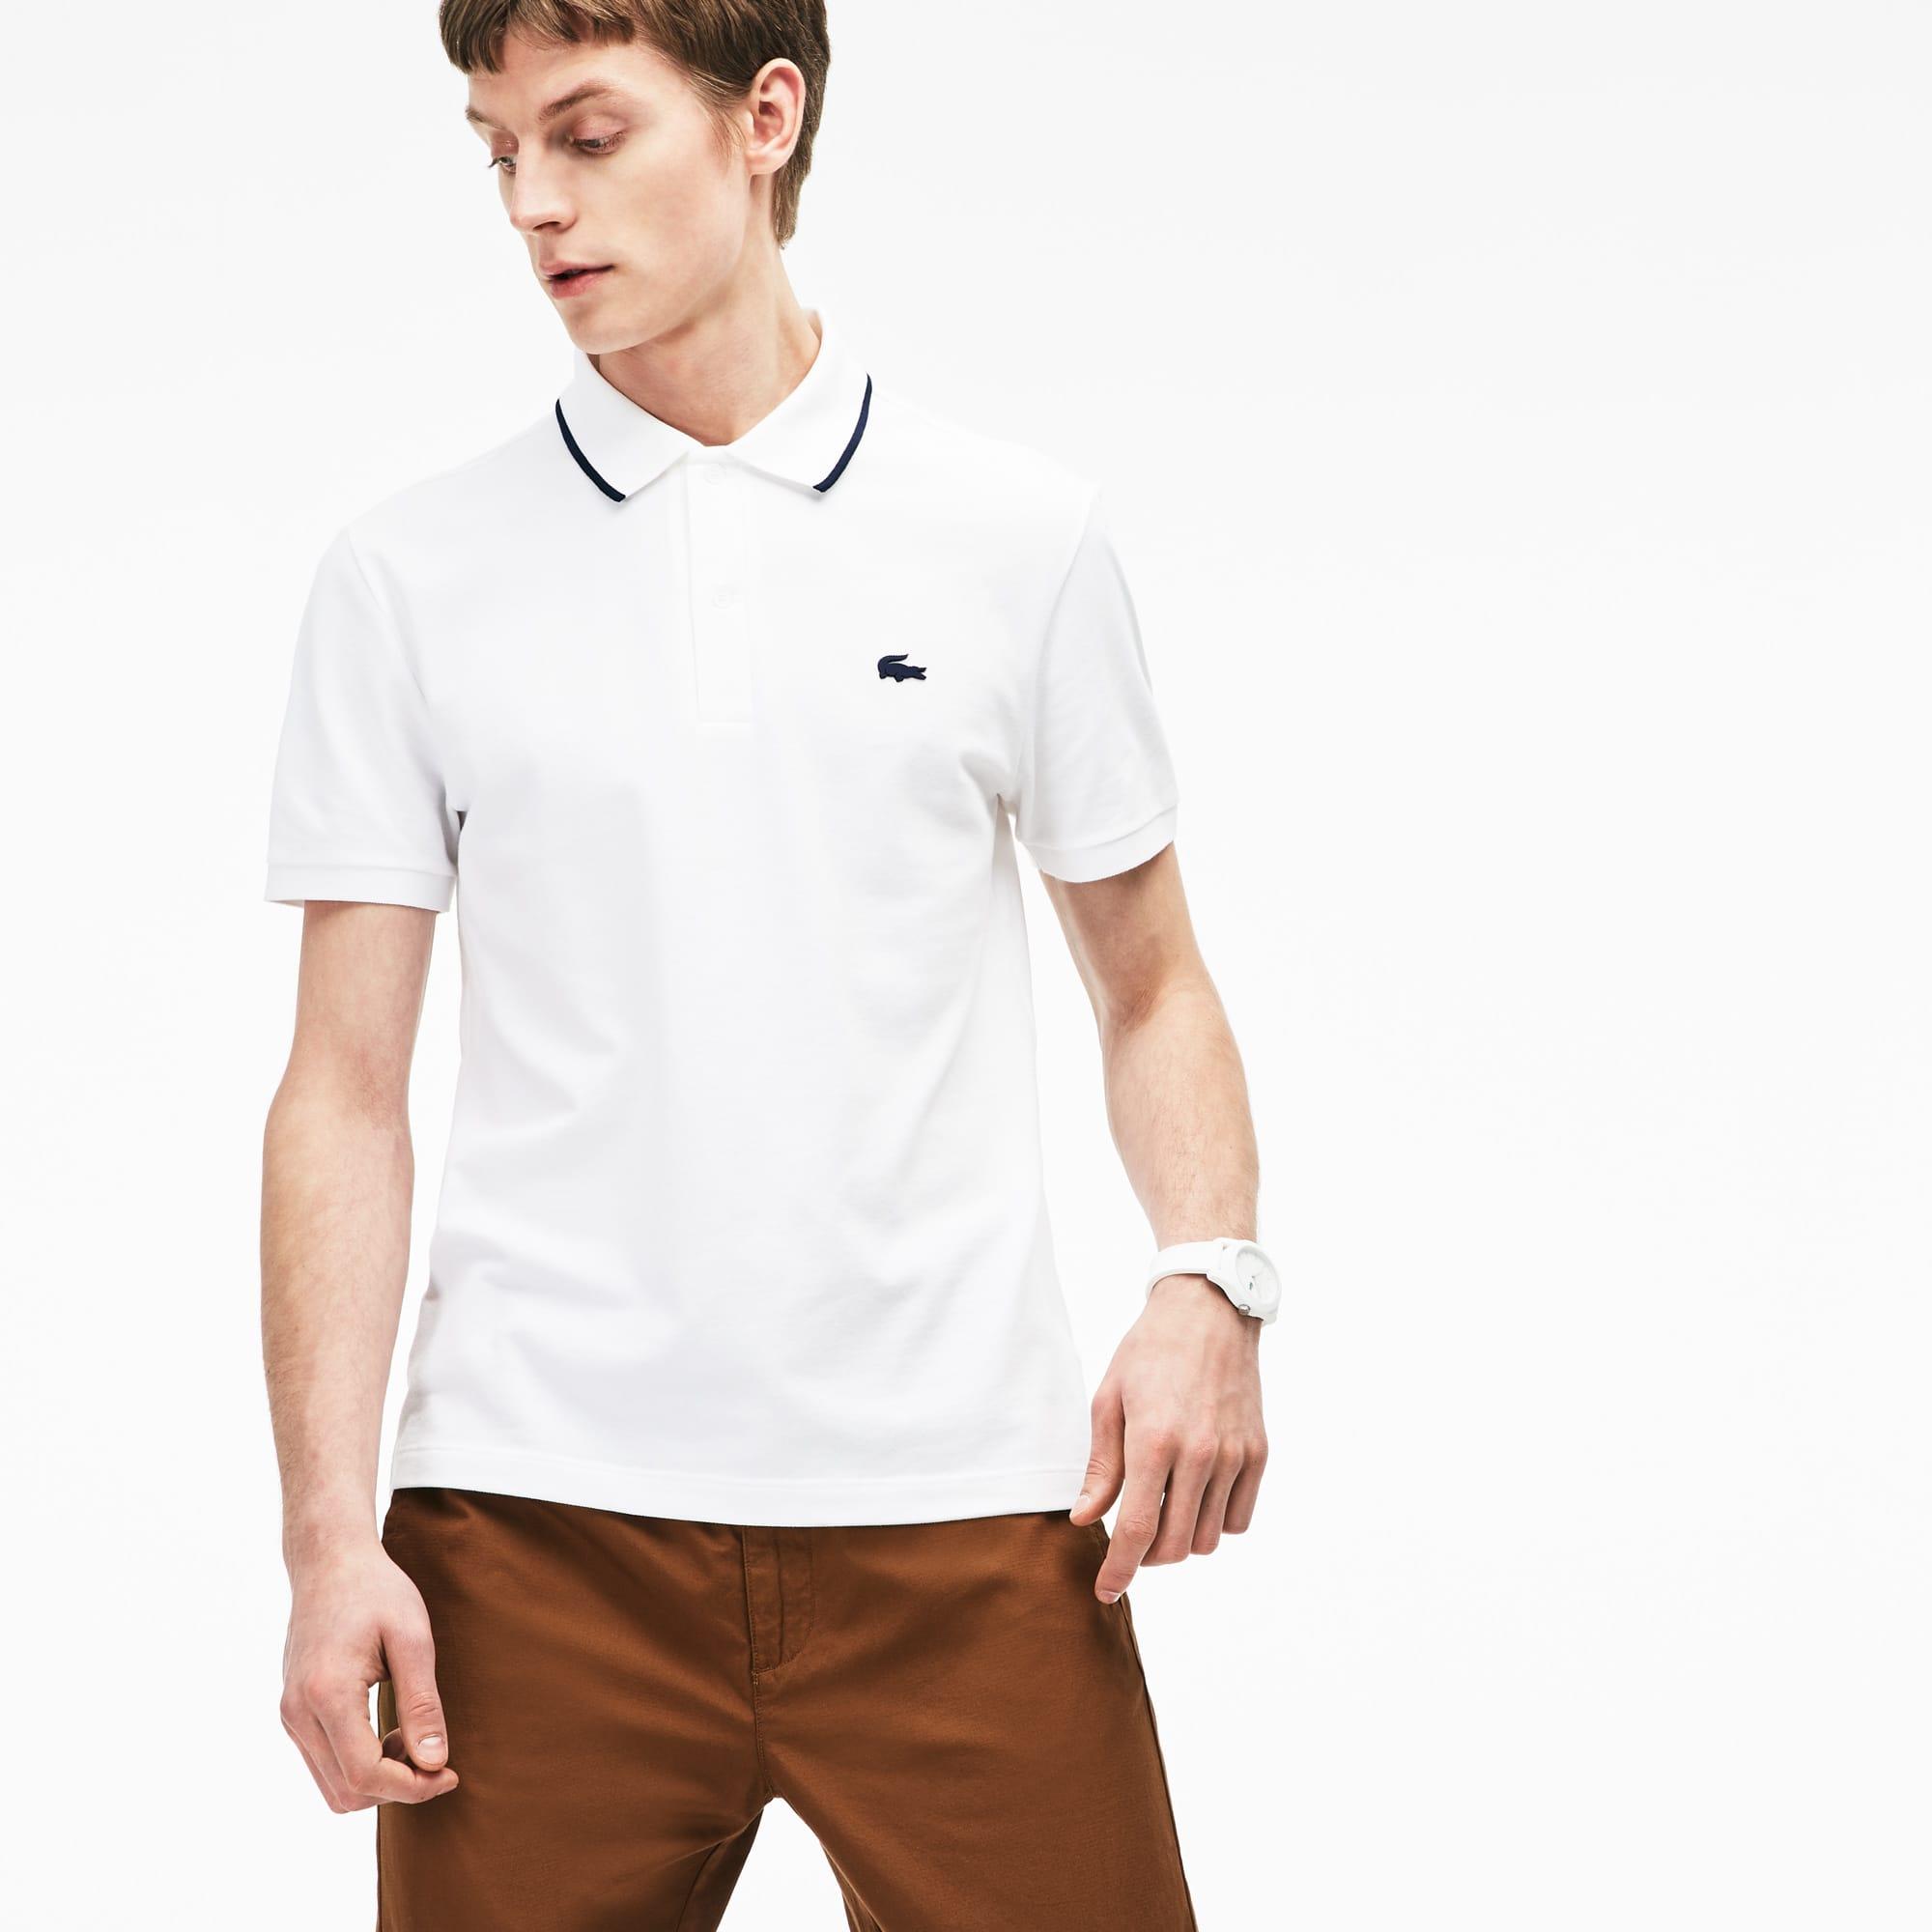 40b40d2f9e9 Men s Lacoste Slim Fit Piped Neck Stretch Pima Cotton Polo Shirt ...